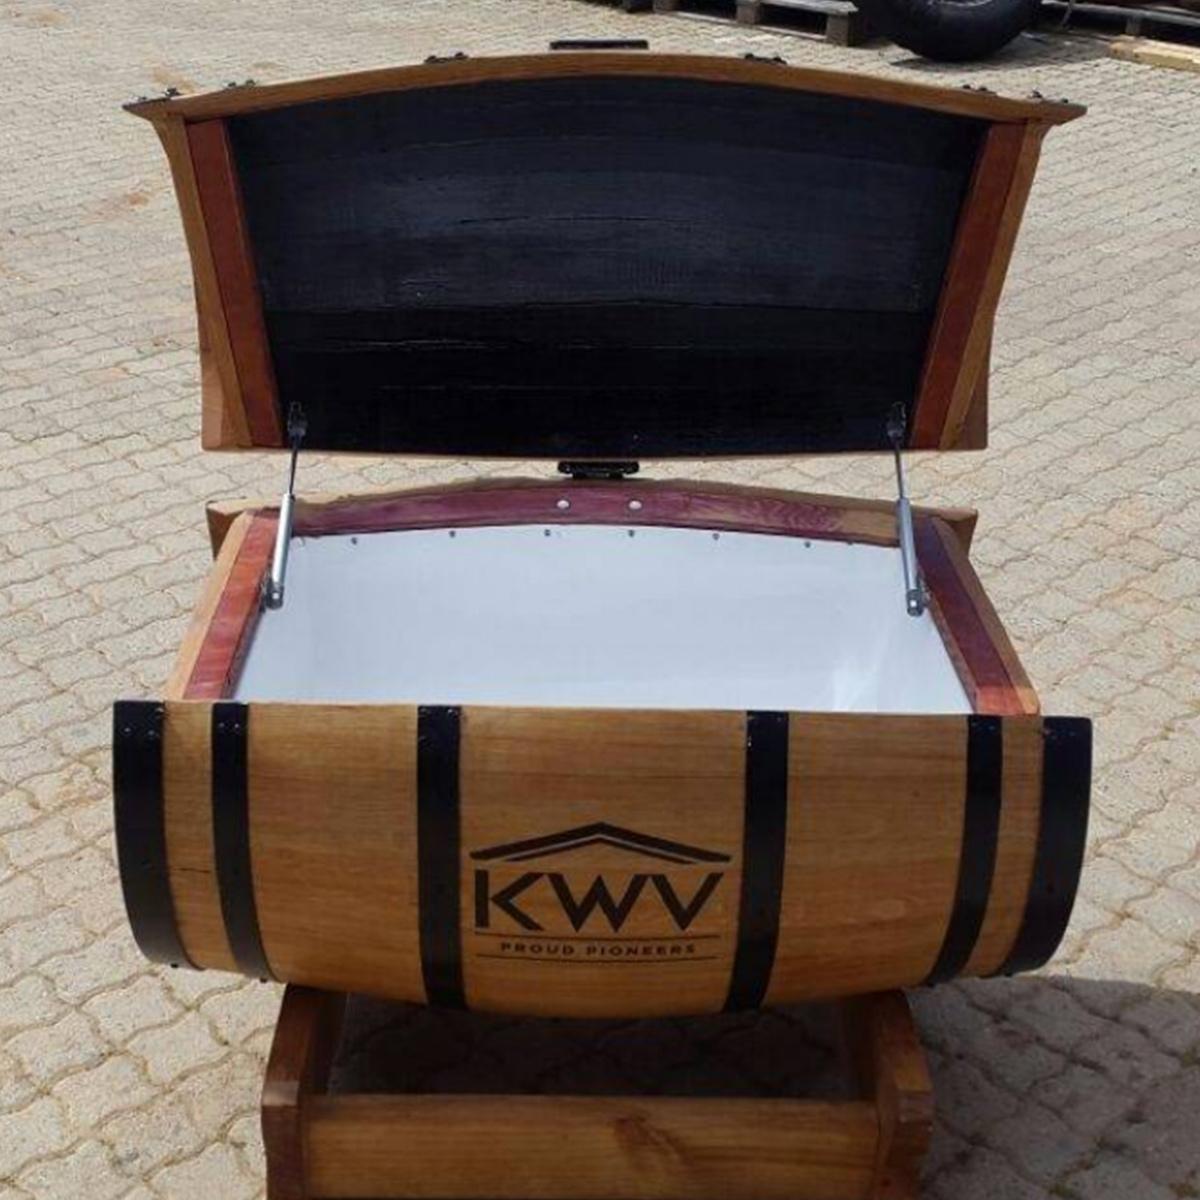 225ℓ Wine Barrel Cooler Box Wine Barrel Furniture Manufactured In